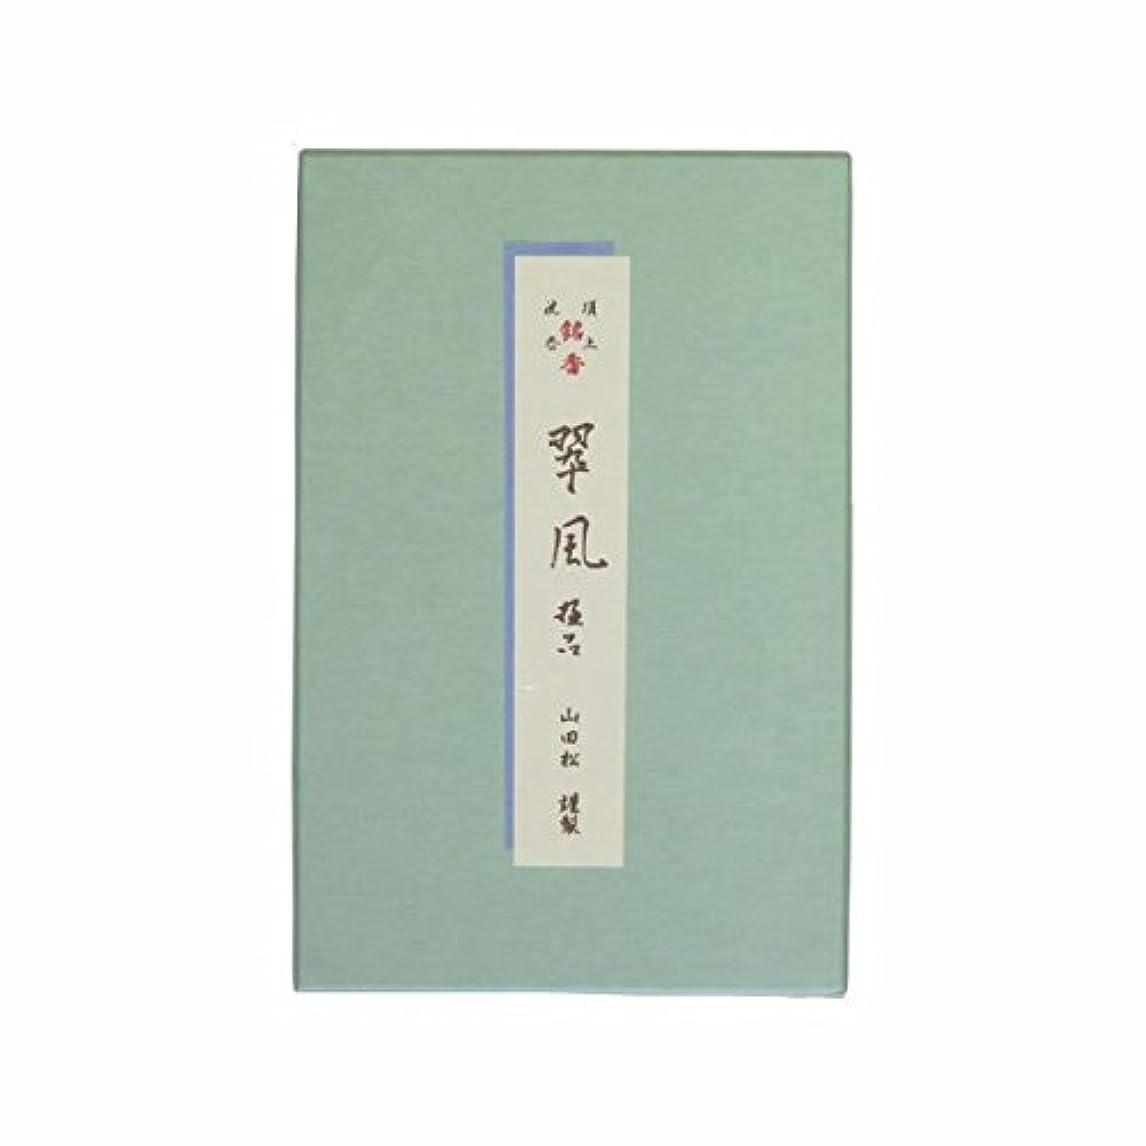 アニメーション祖先信仰翠風(極品) 短寸 バラ詰